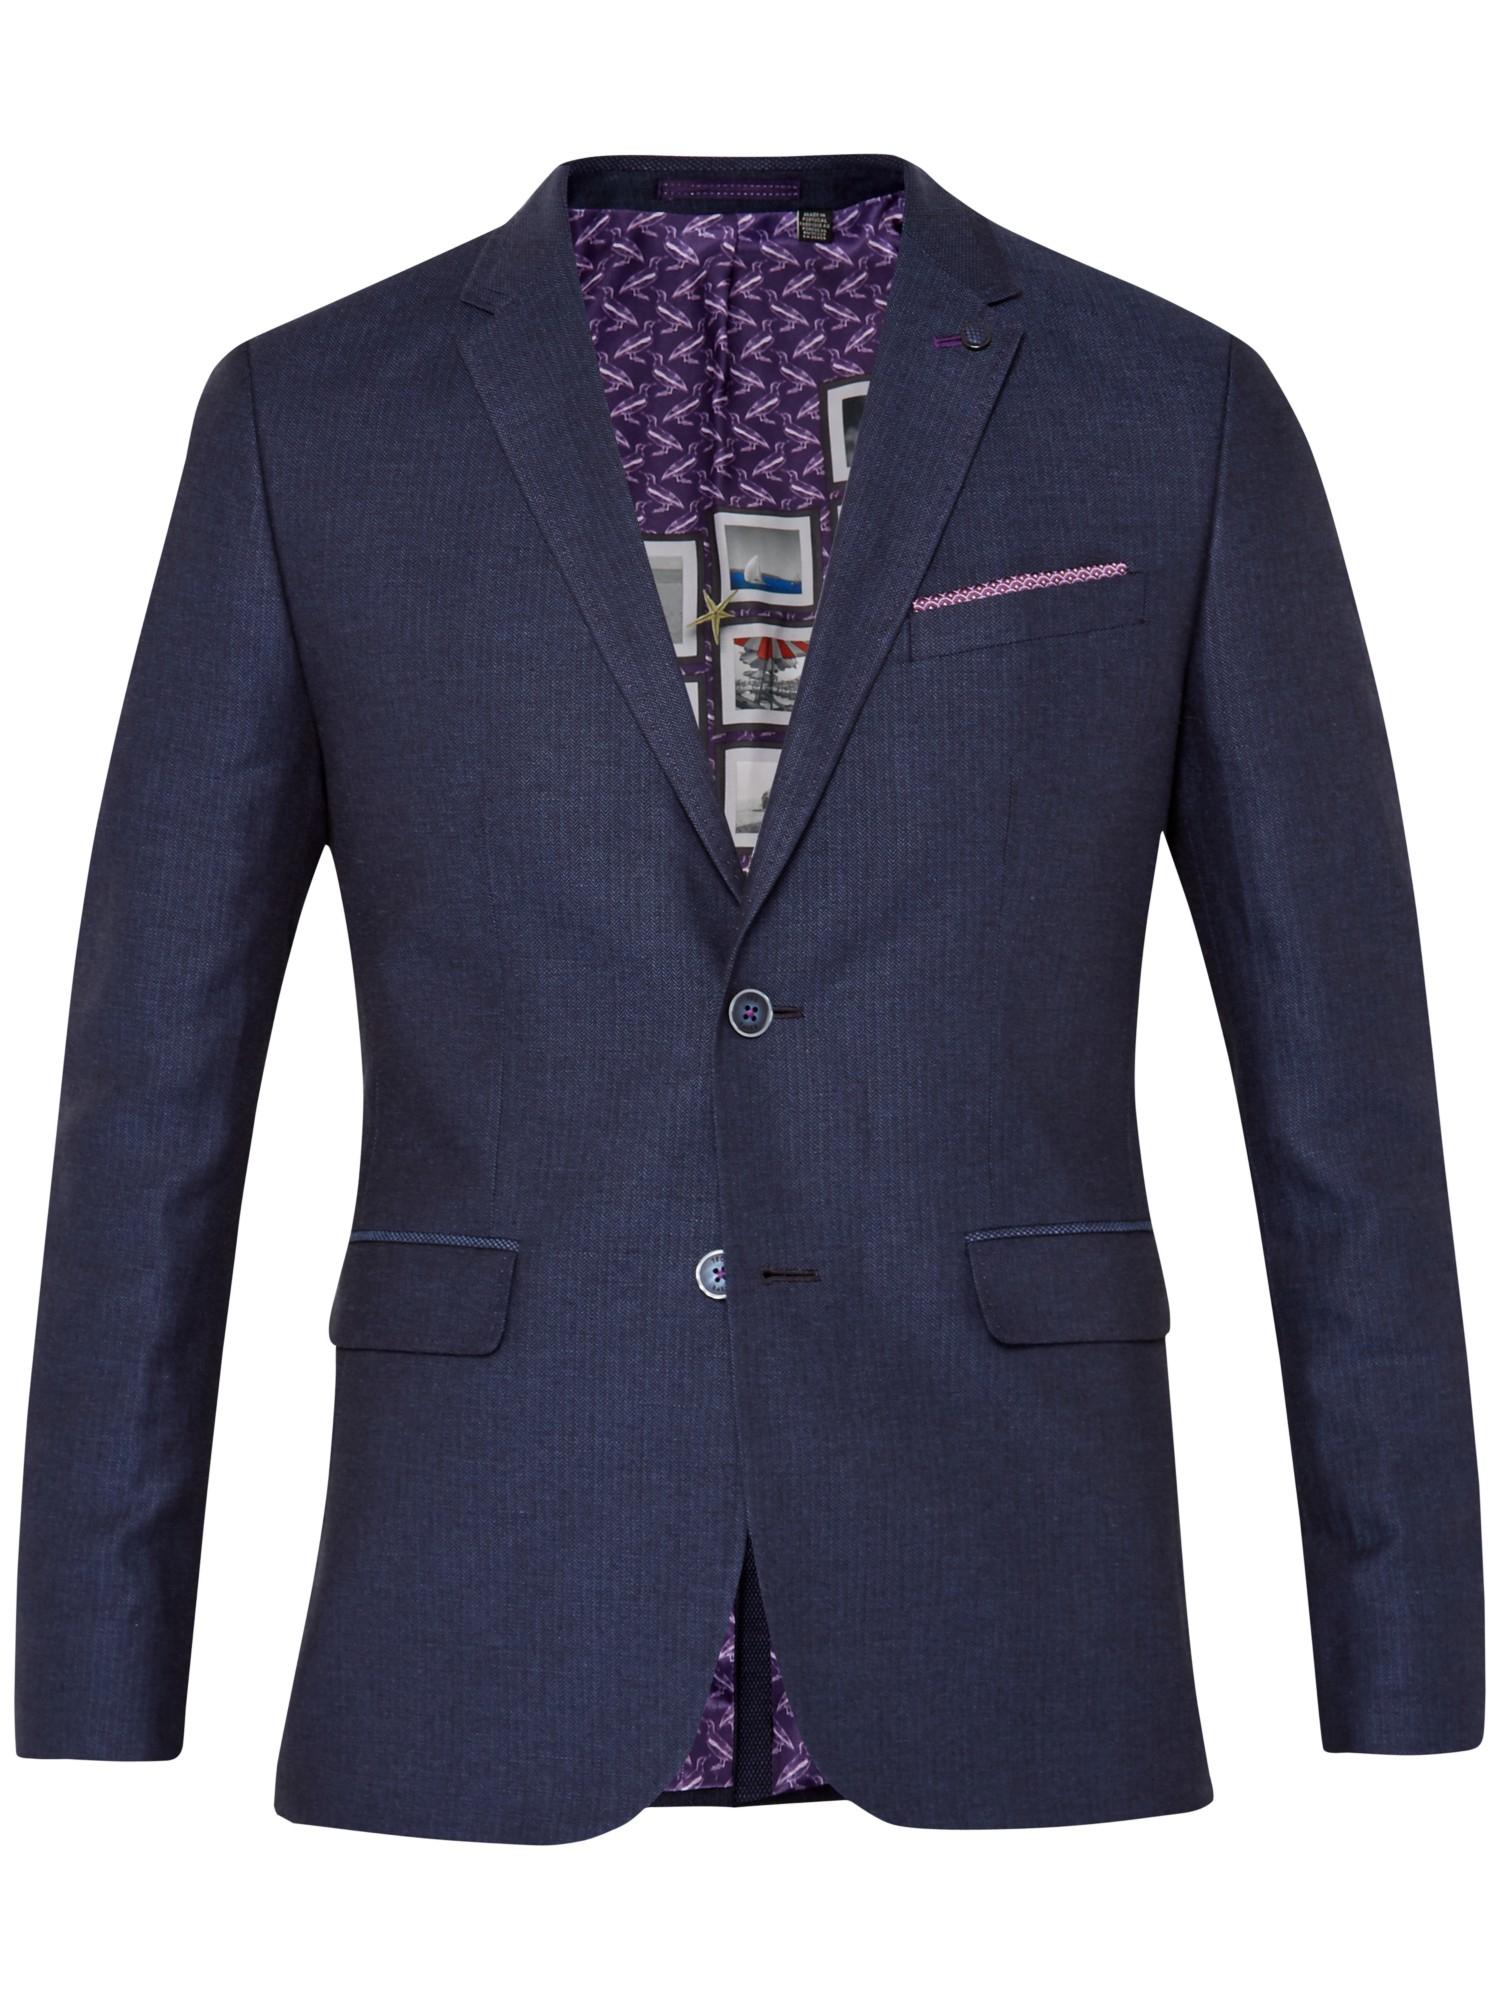 Ted Baker Popping Linen Herringbone Suit Jacket in Navy (Green) for Men